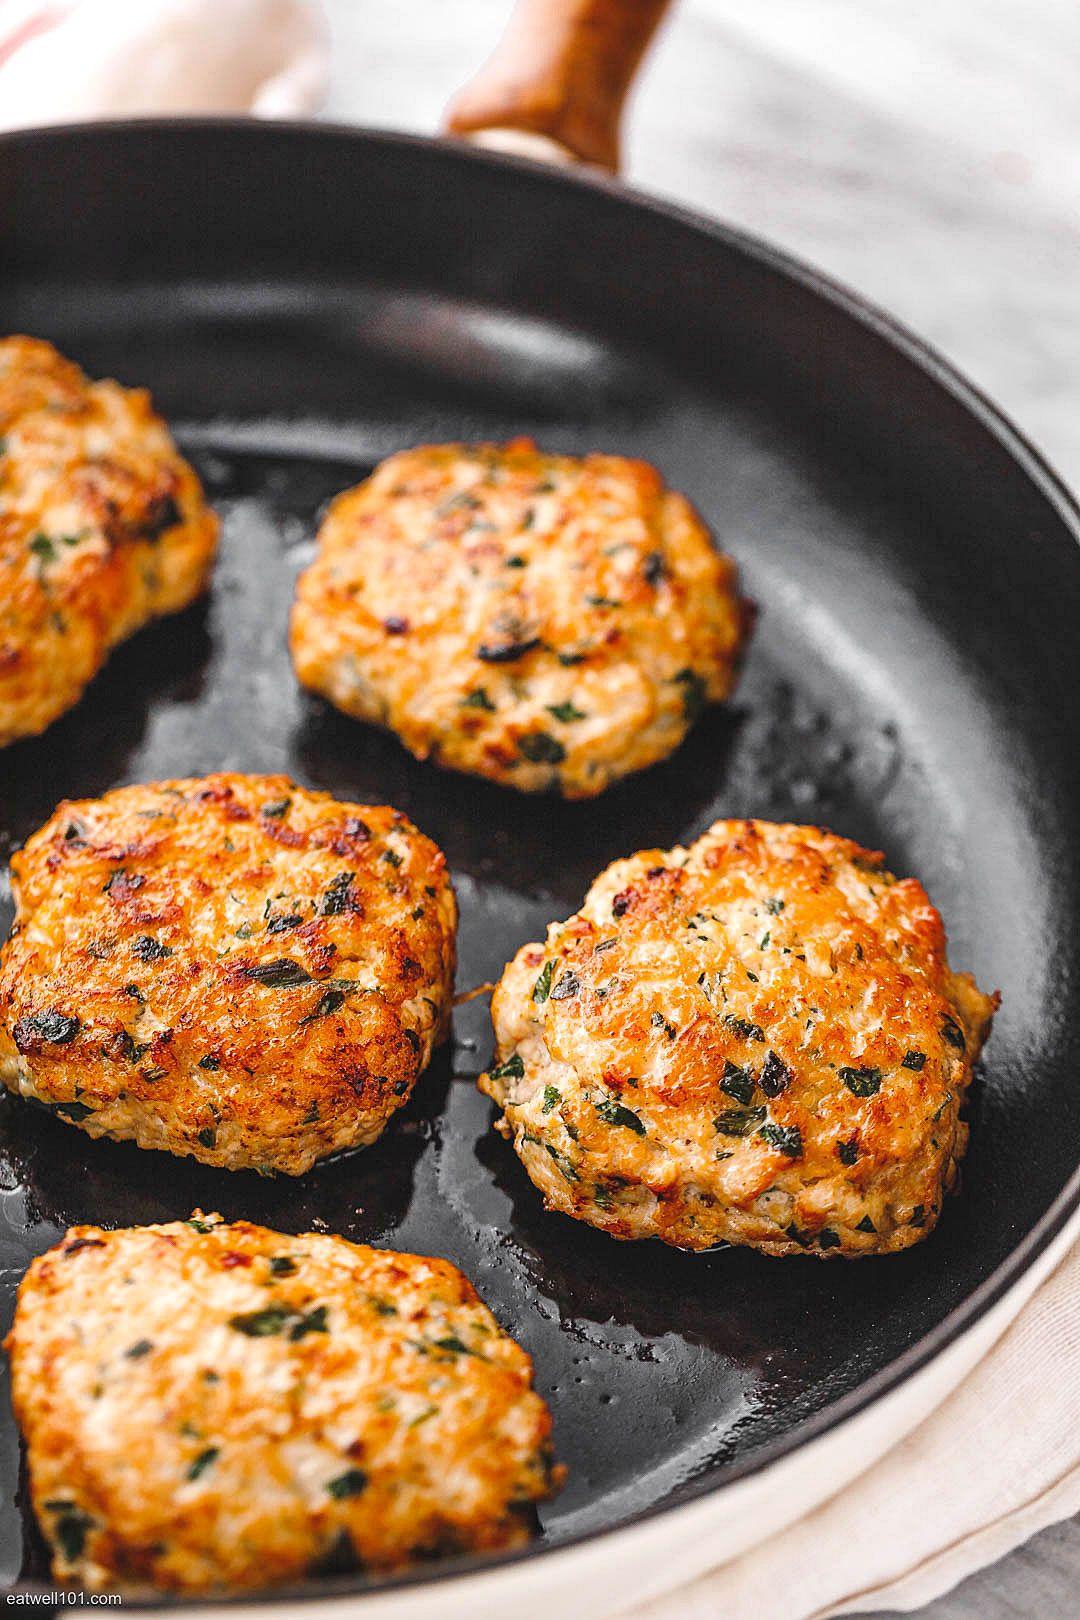 Garlic Herb Chicken Meal Prep Patties & Veggie Salad